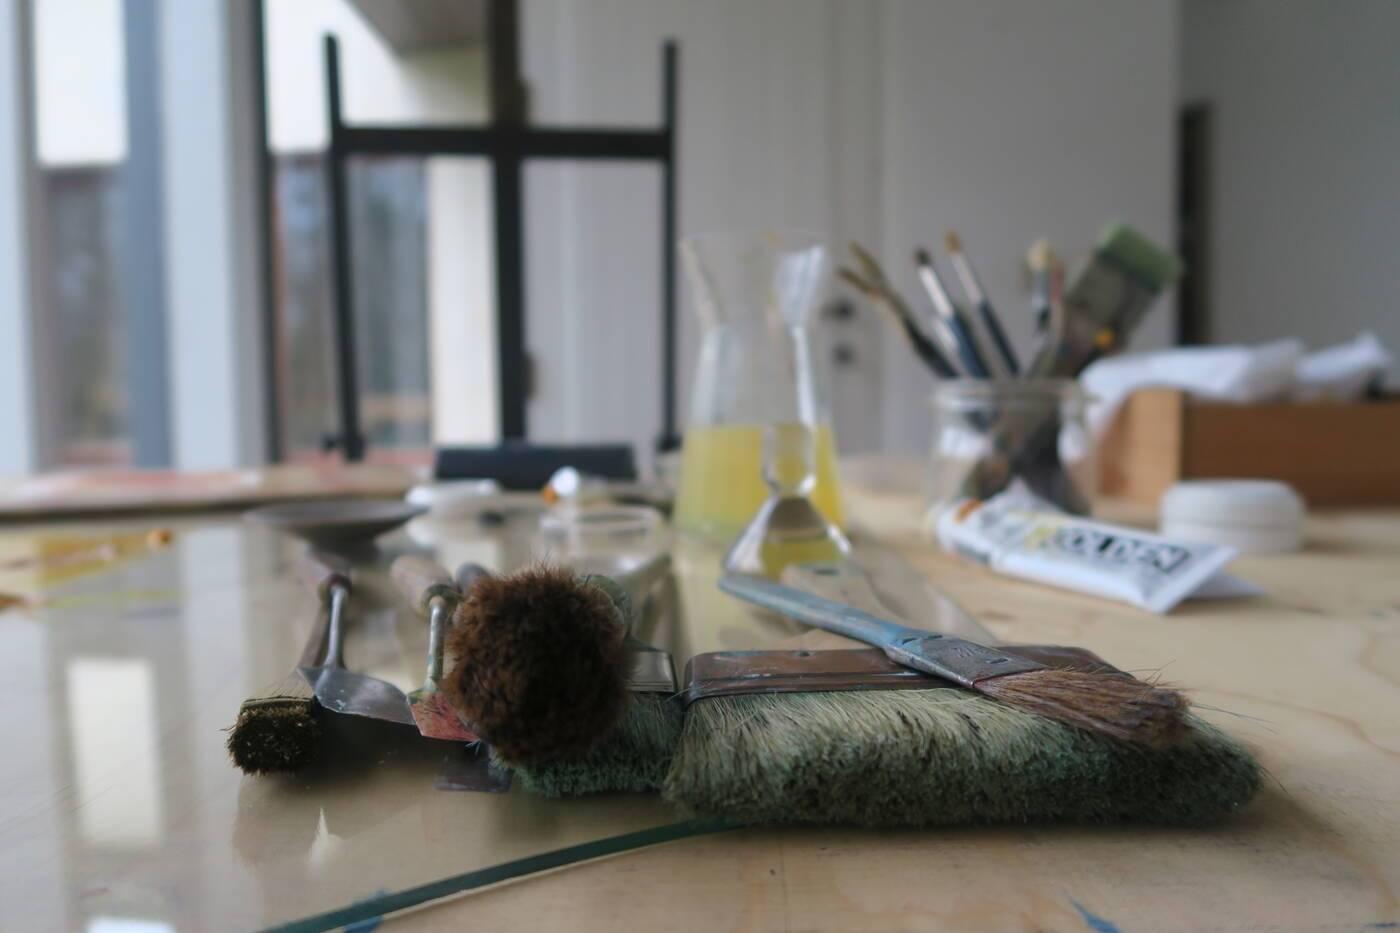 Vedic Art Tinne Cuyvers | Voorjaar 2020 II 04